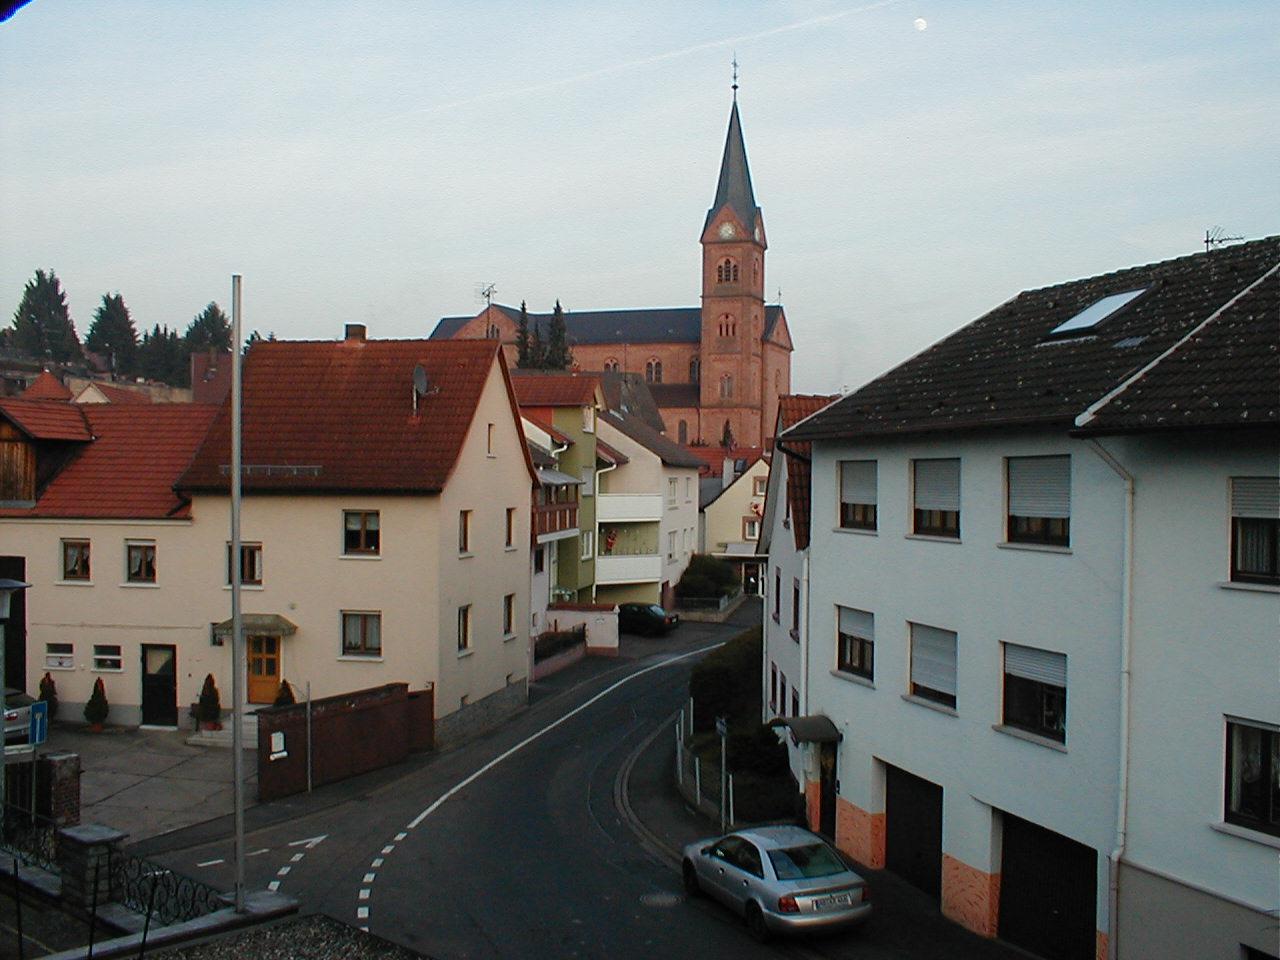 Wetter Goldbach Unterfranken